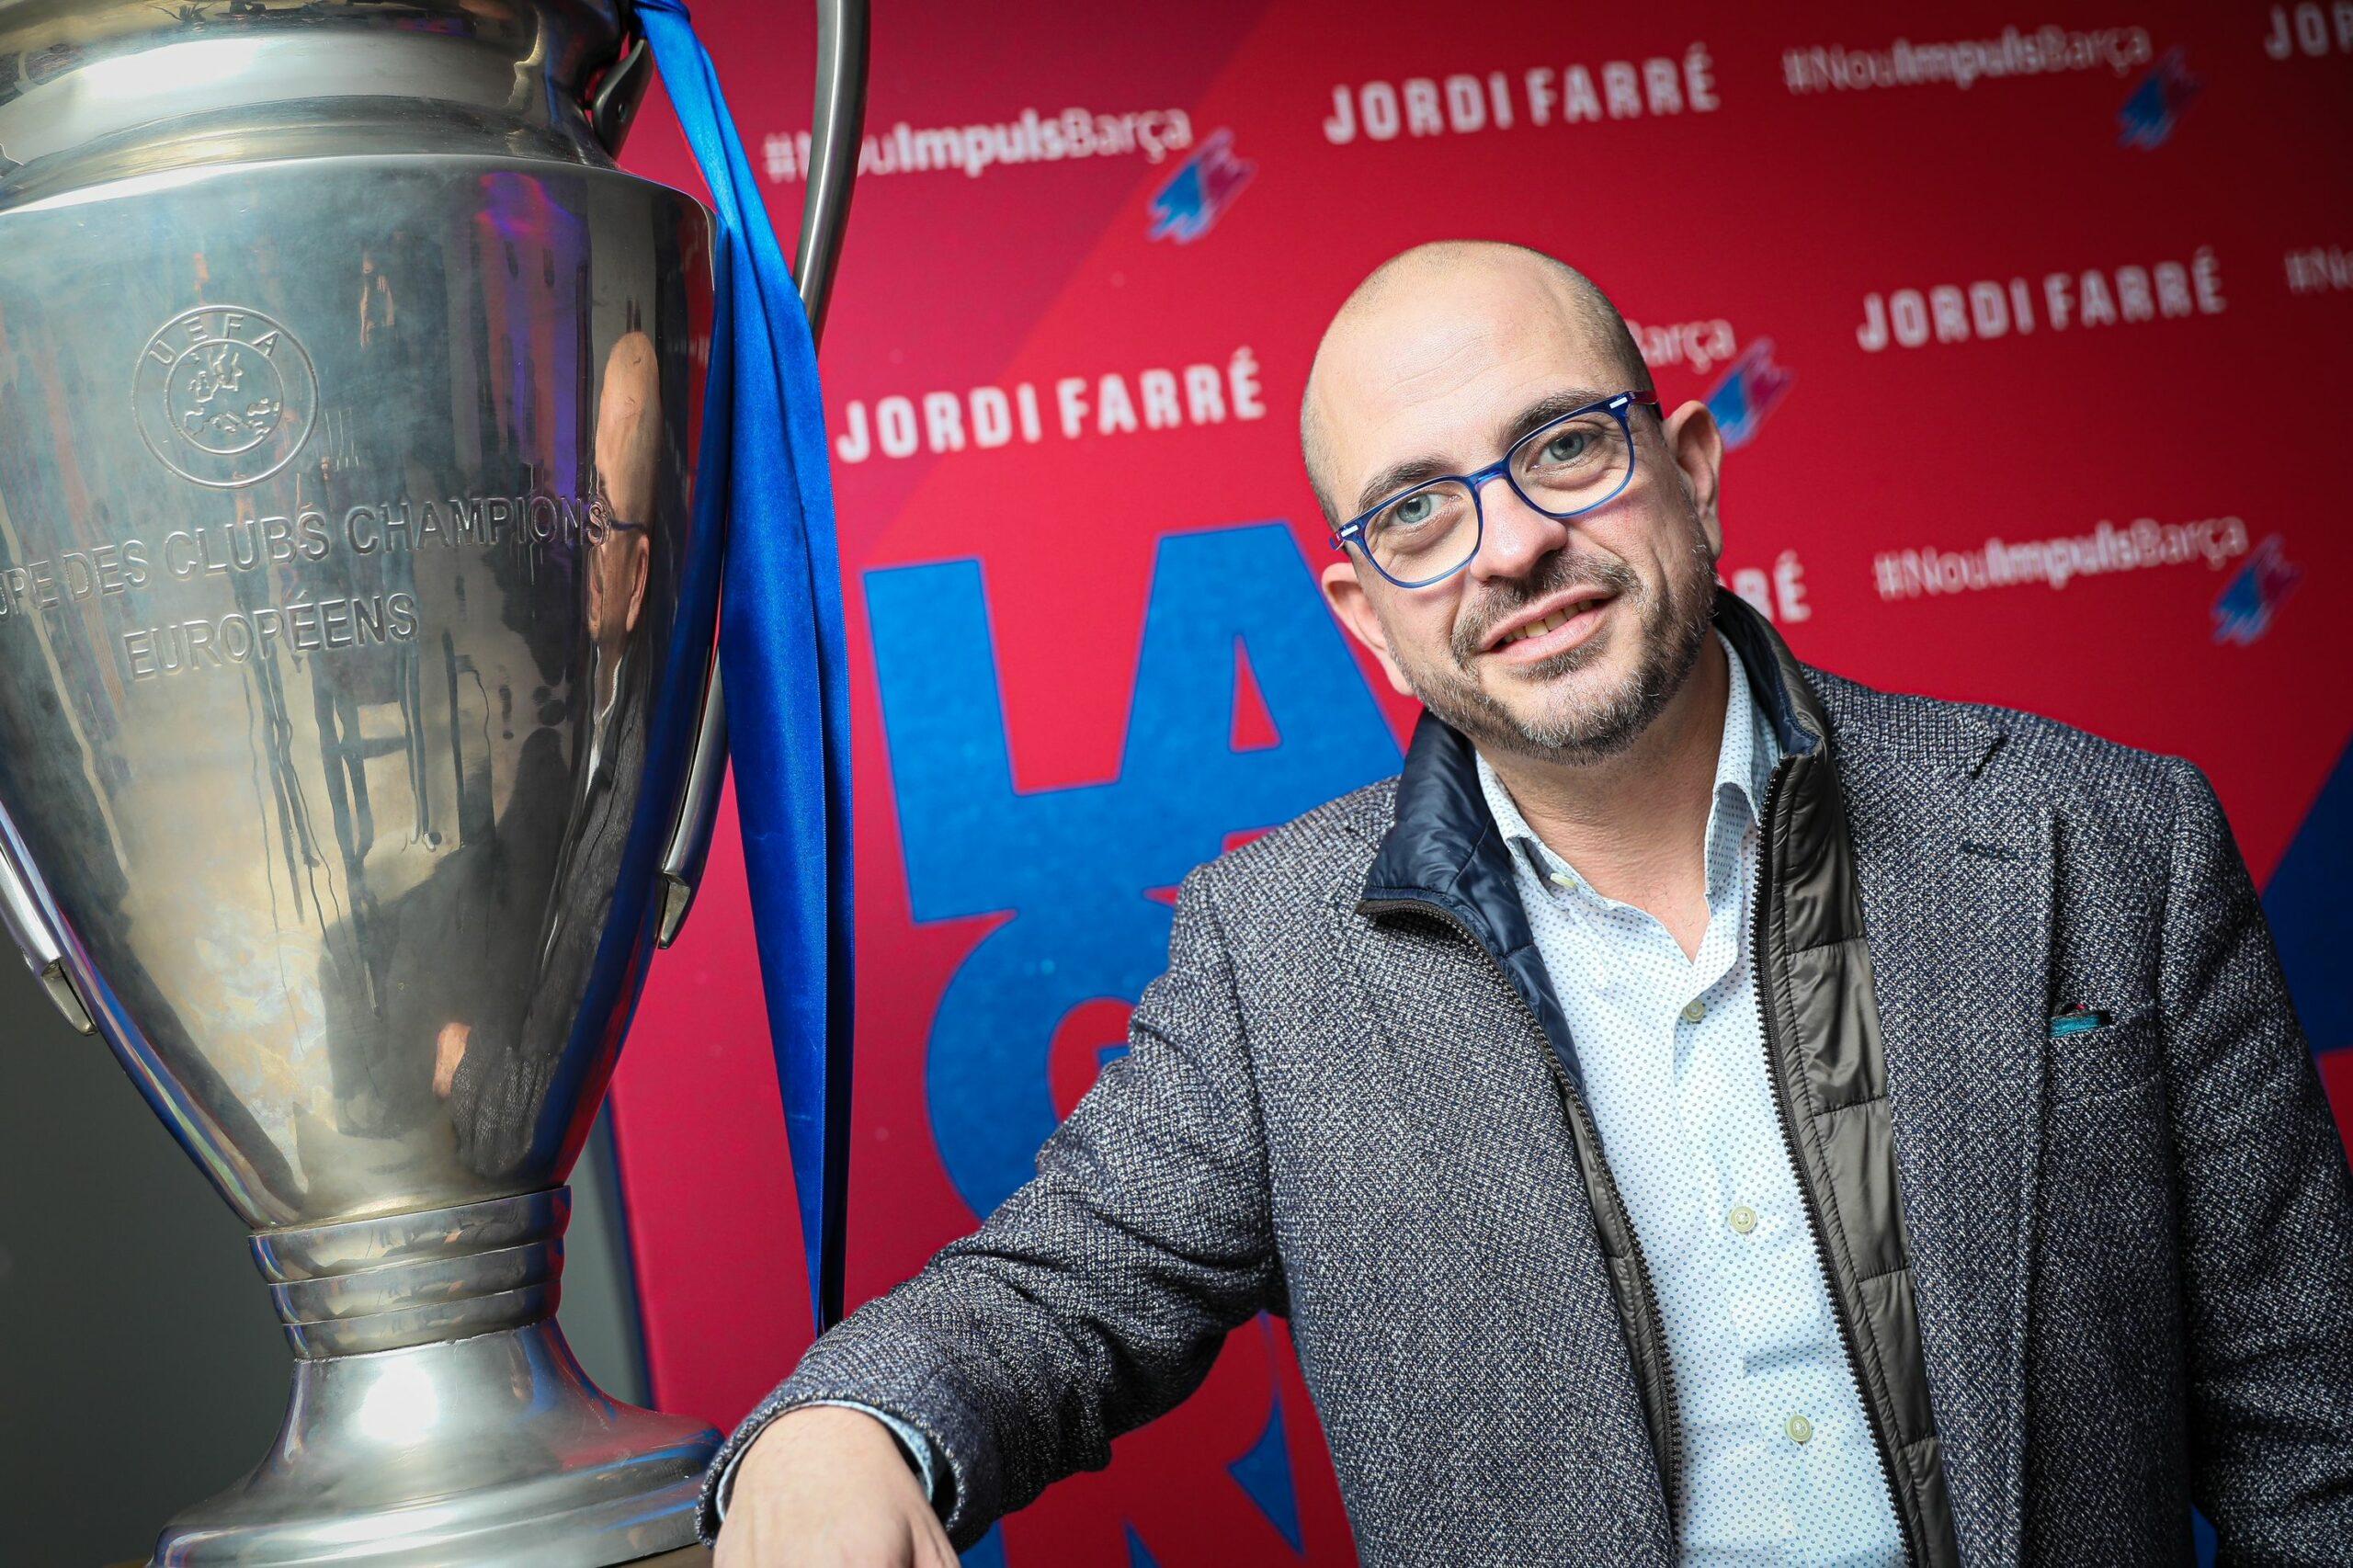 Jordi Farré, precandidat a les eleccions del Barça | Jordi Borràs